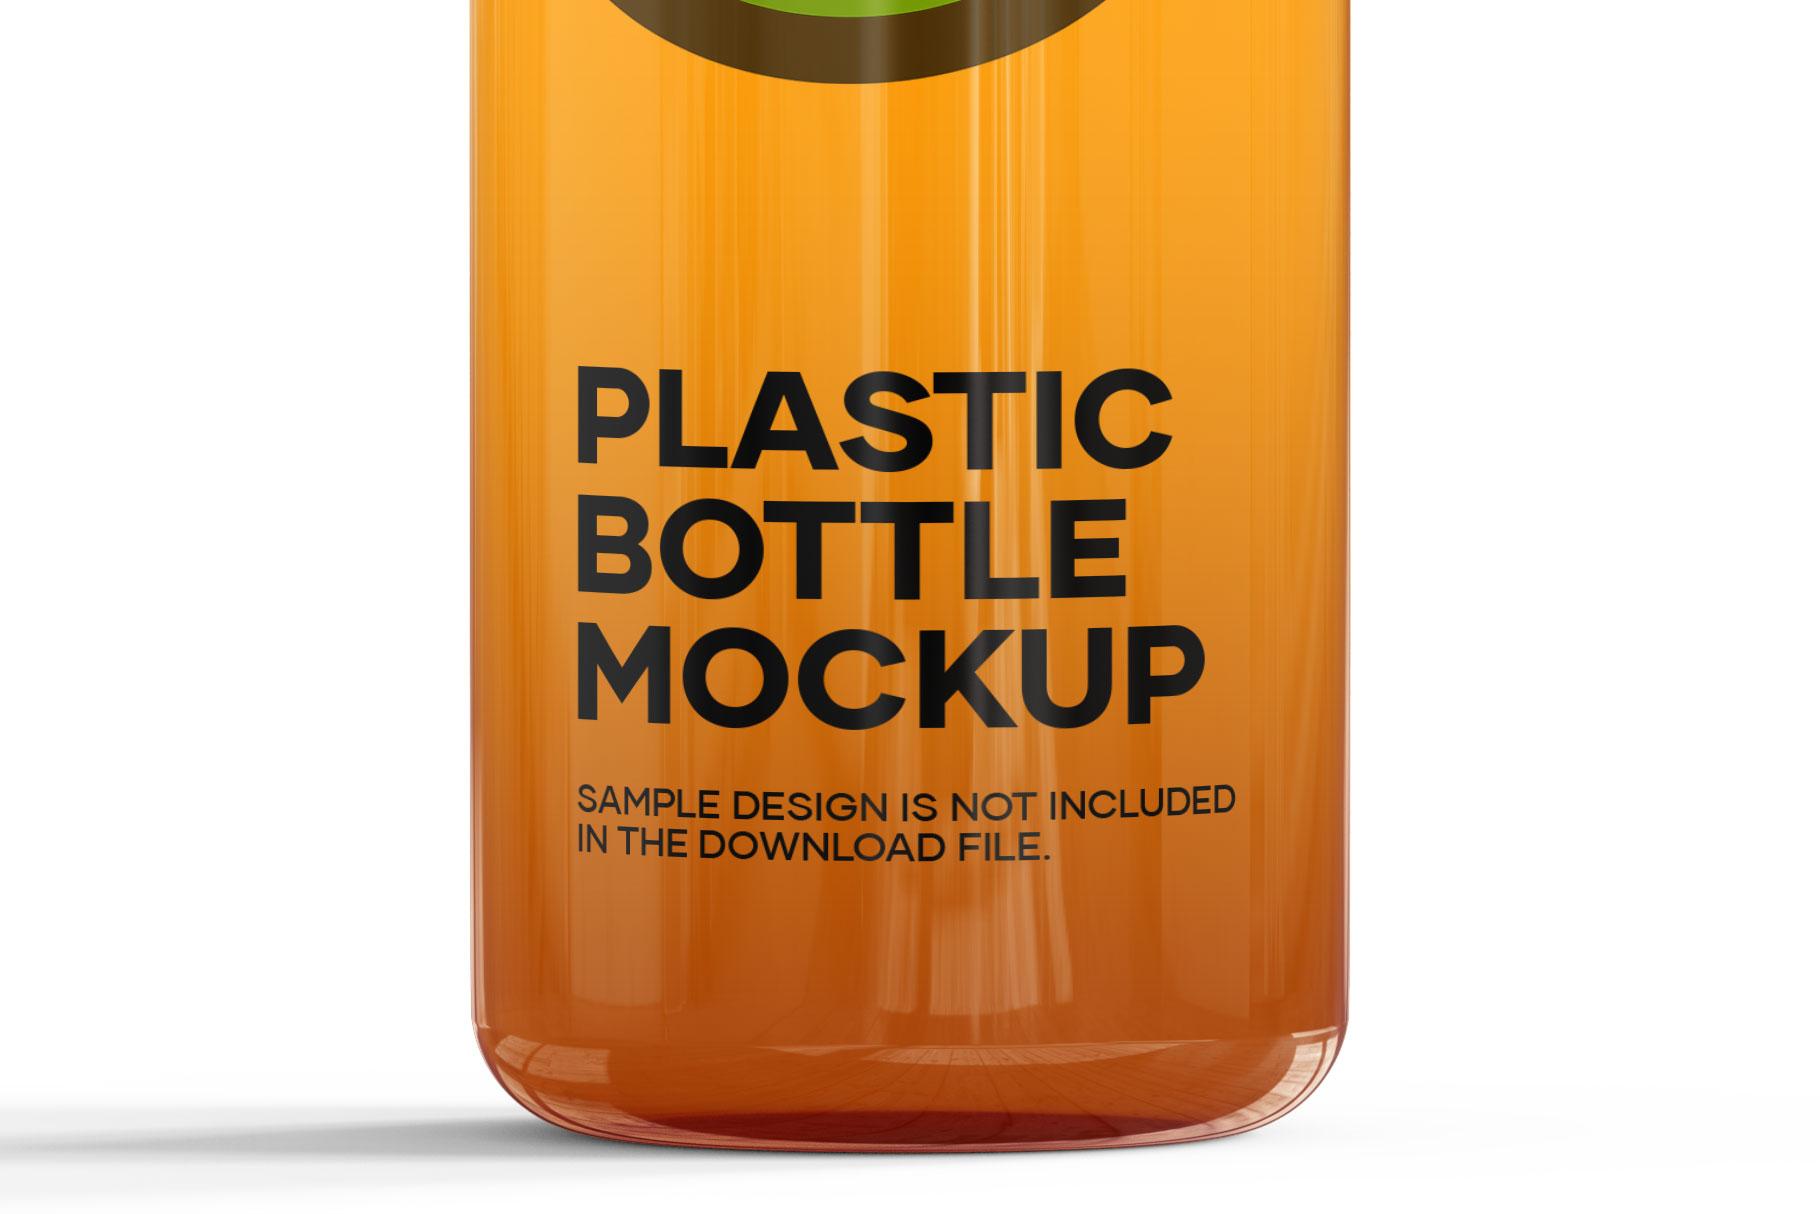 0,5L Iced Tea Bottle Mockup example image 7